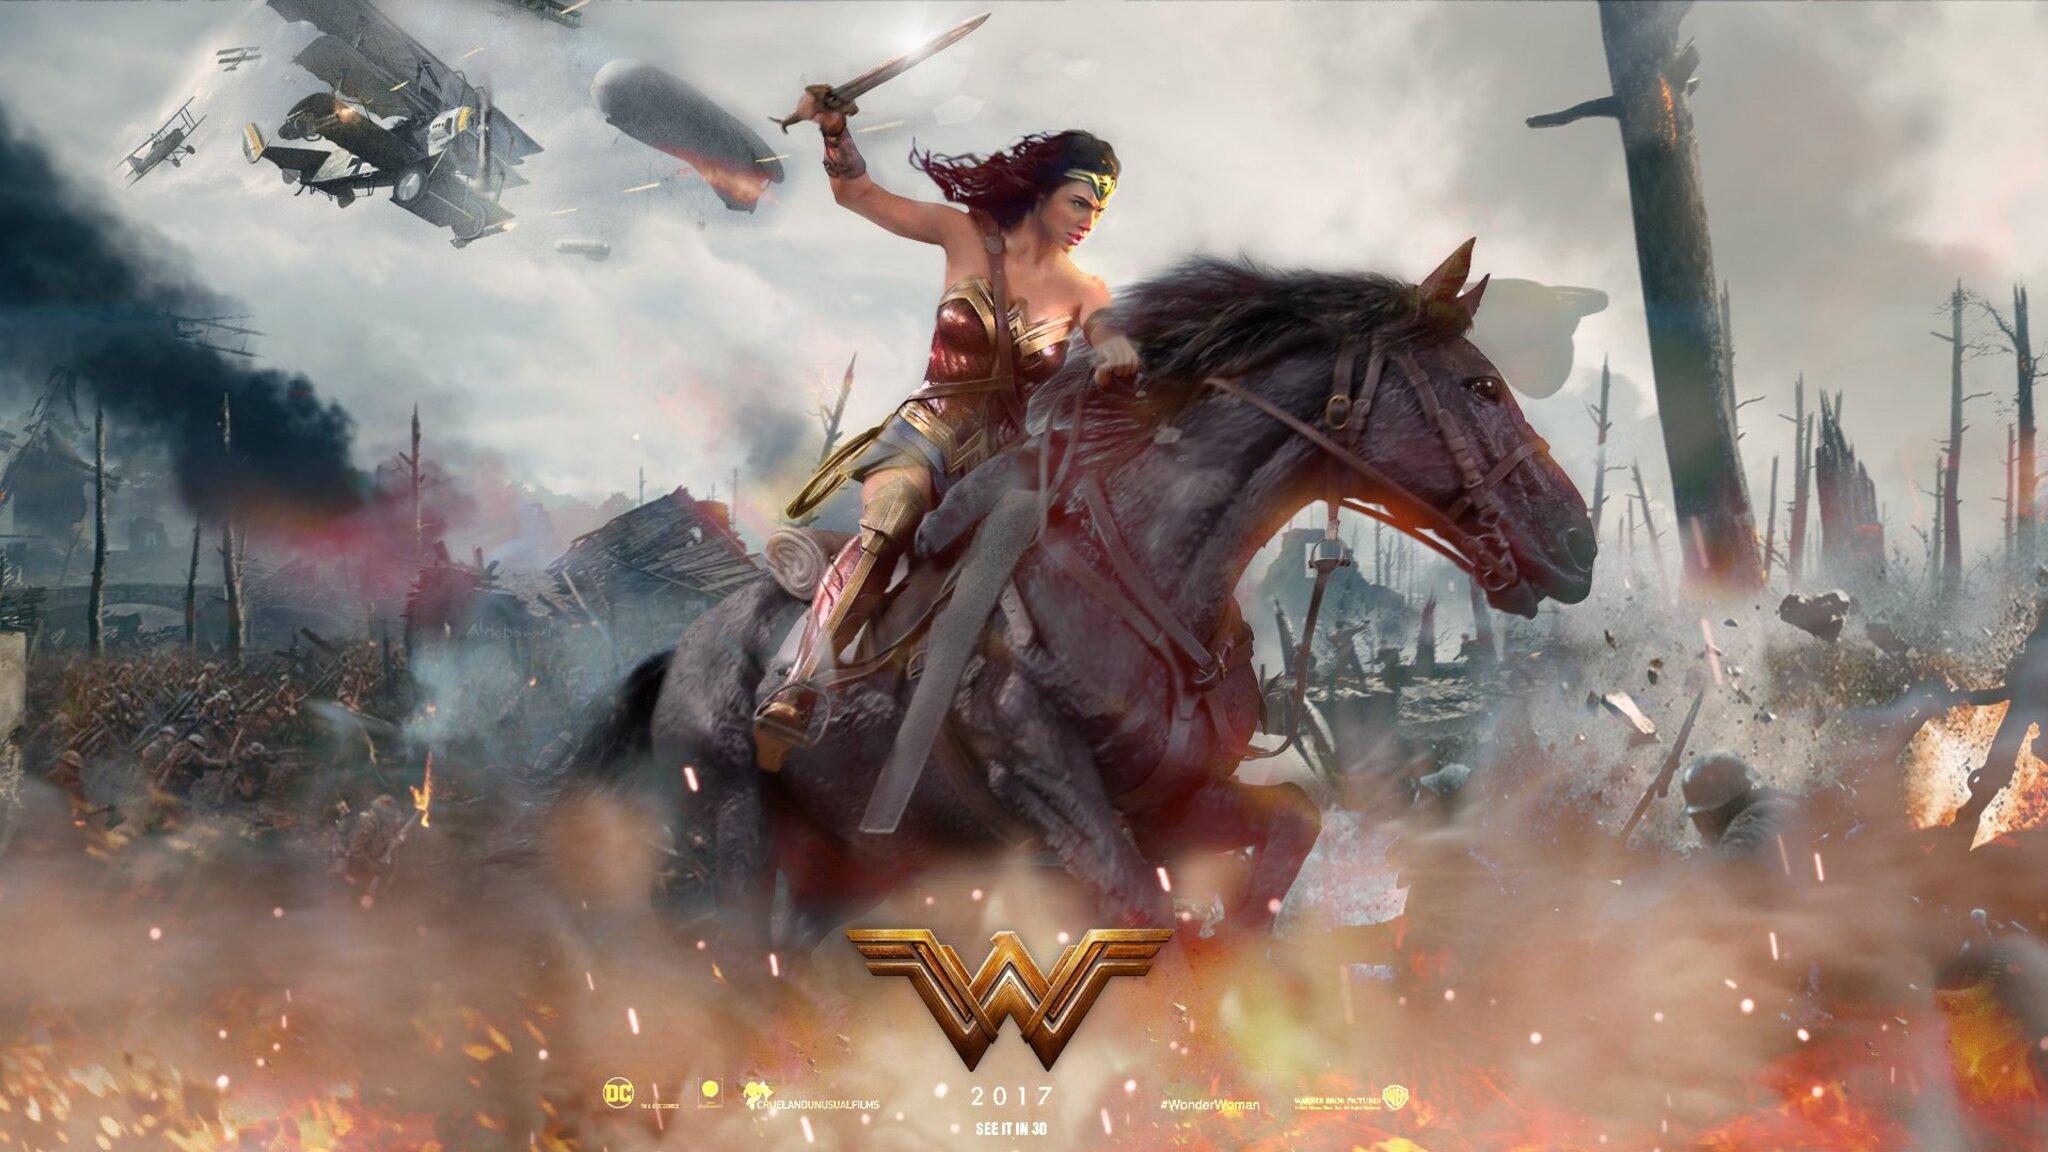 2048x1152 Pubg Fan Art 2048x1152 Resolution Hd 4k: 2048x1152 2017 Wonder Woman Movie Fan Art 2048x1152